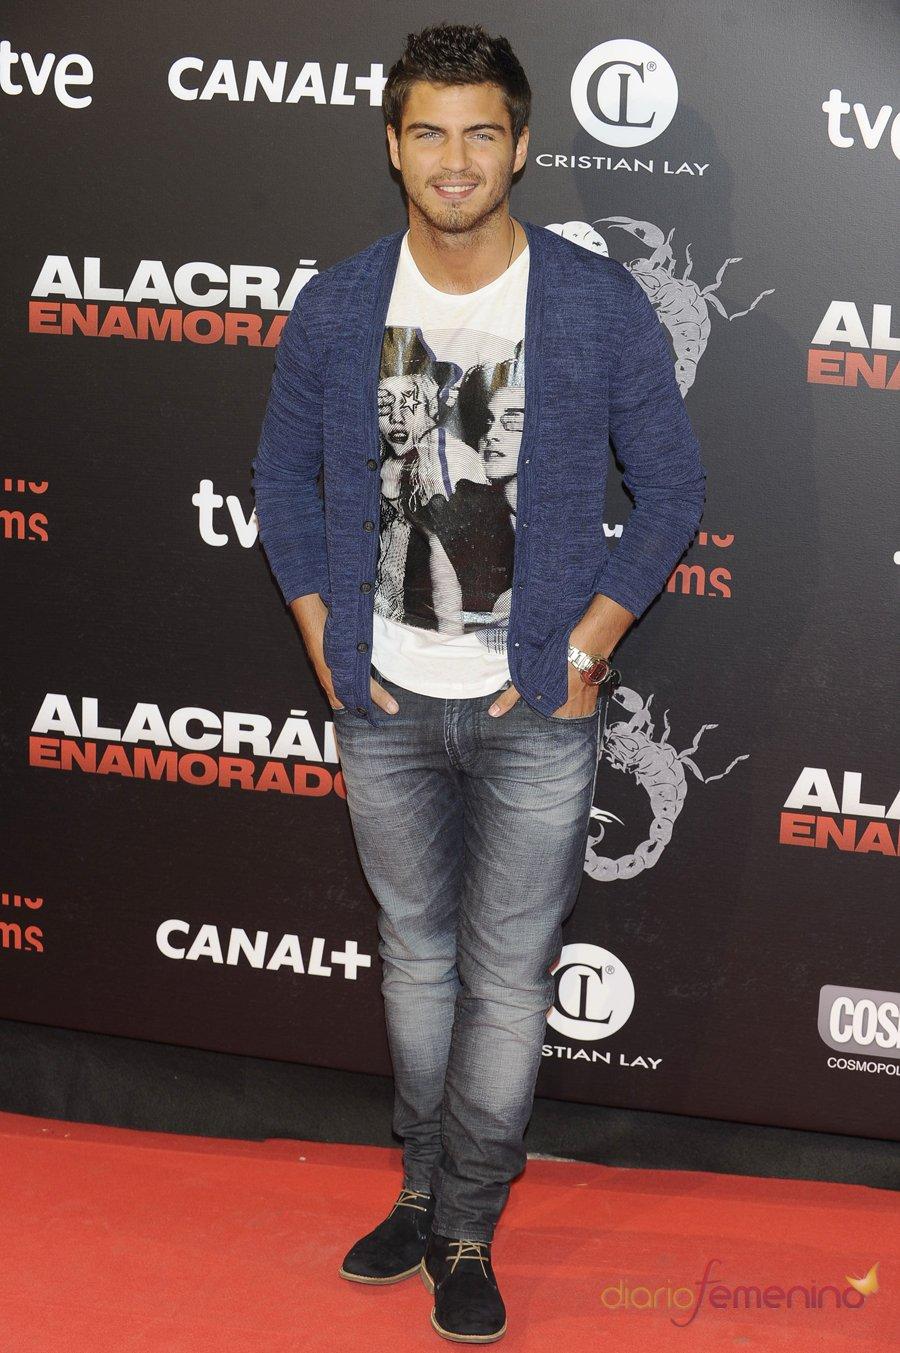 El guapo Maxi Iglesias en la premiere de 'Alacrán enamorado'